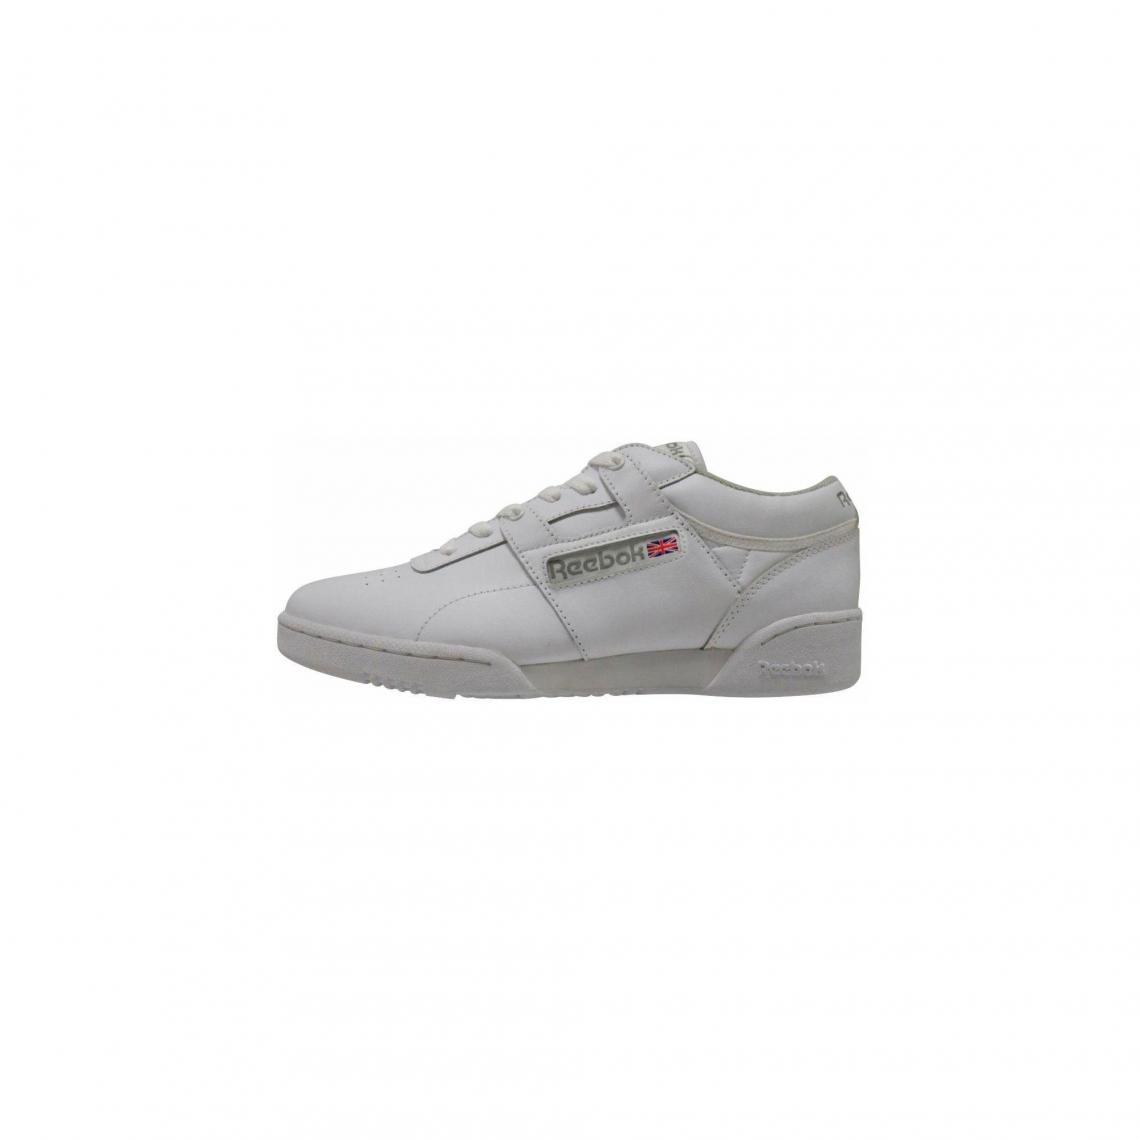 387fb84f6701b sneakers homme reebok sneakers homme reebok  sneakers homme reebok